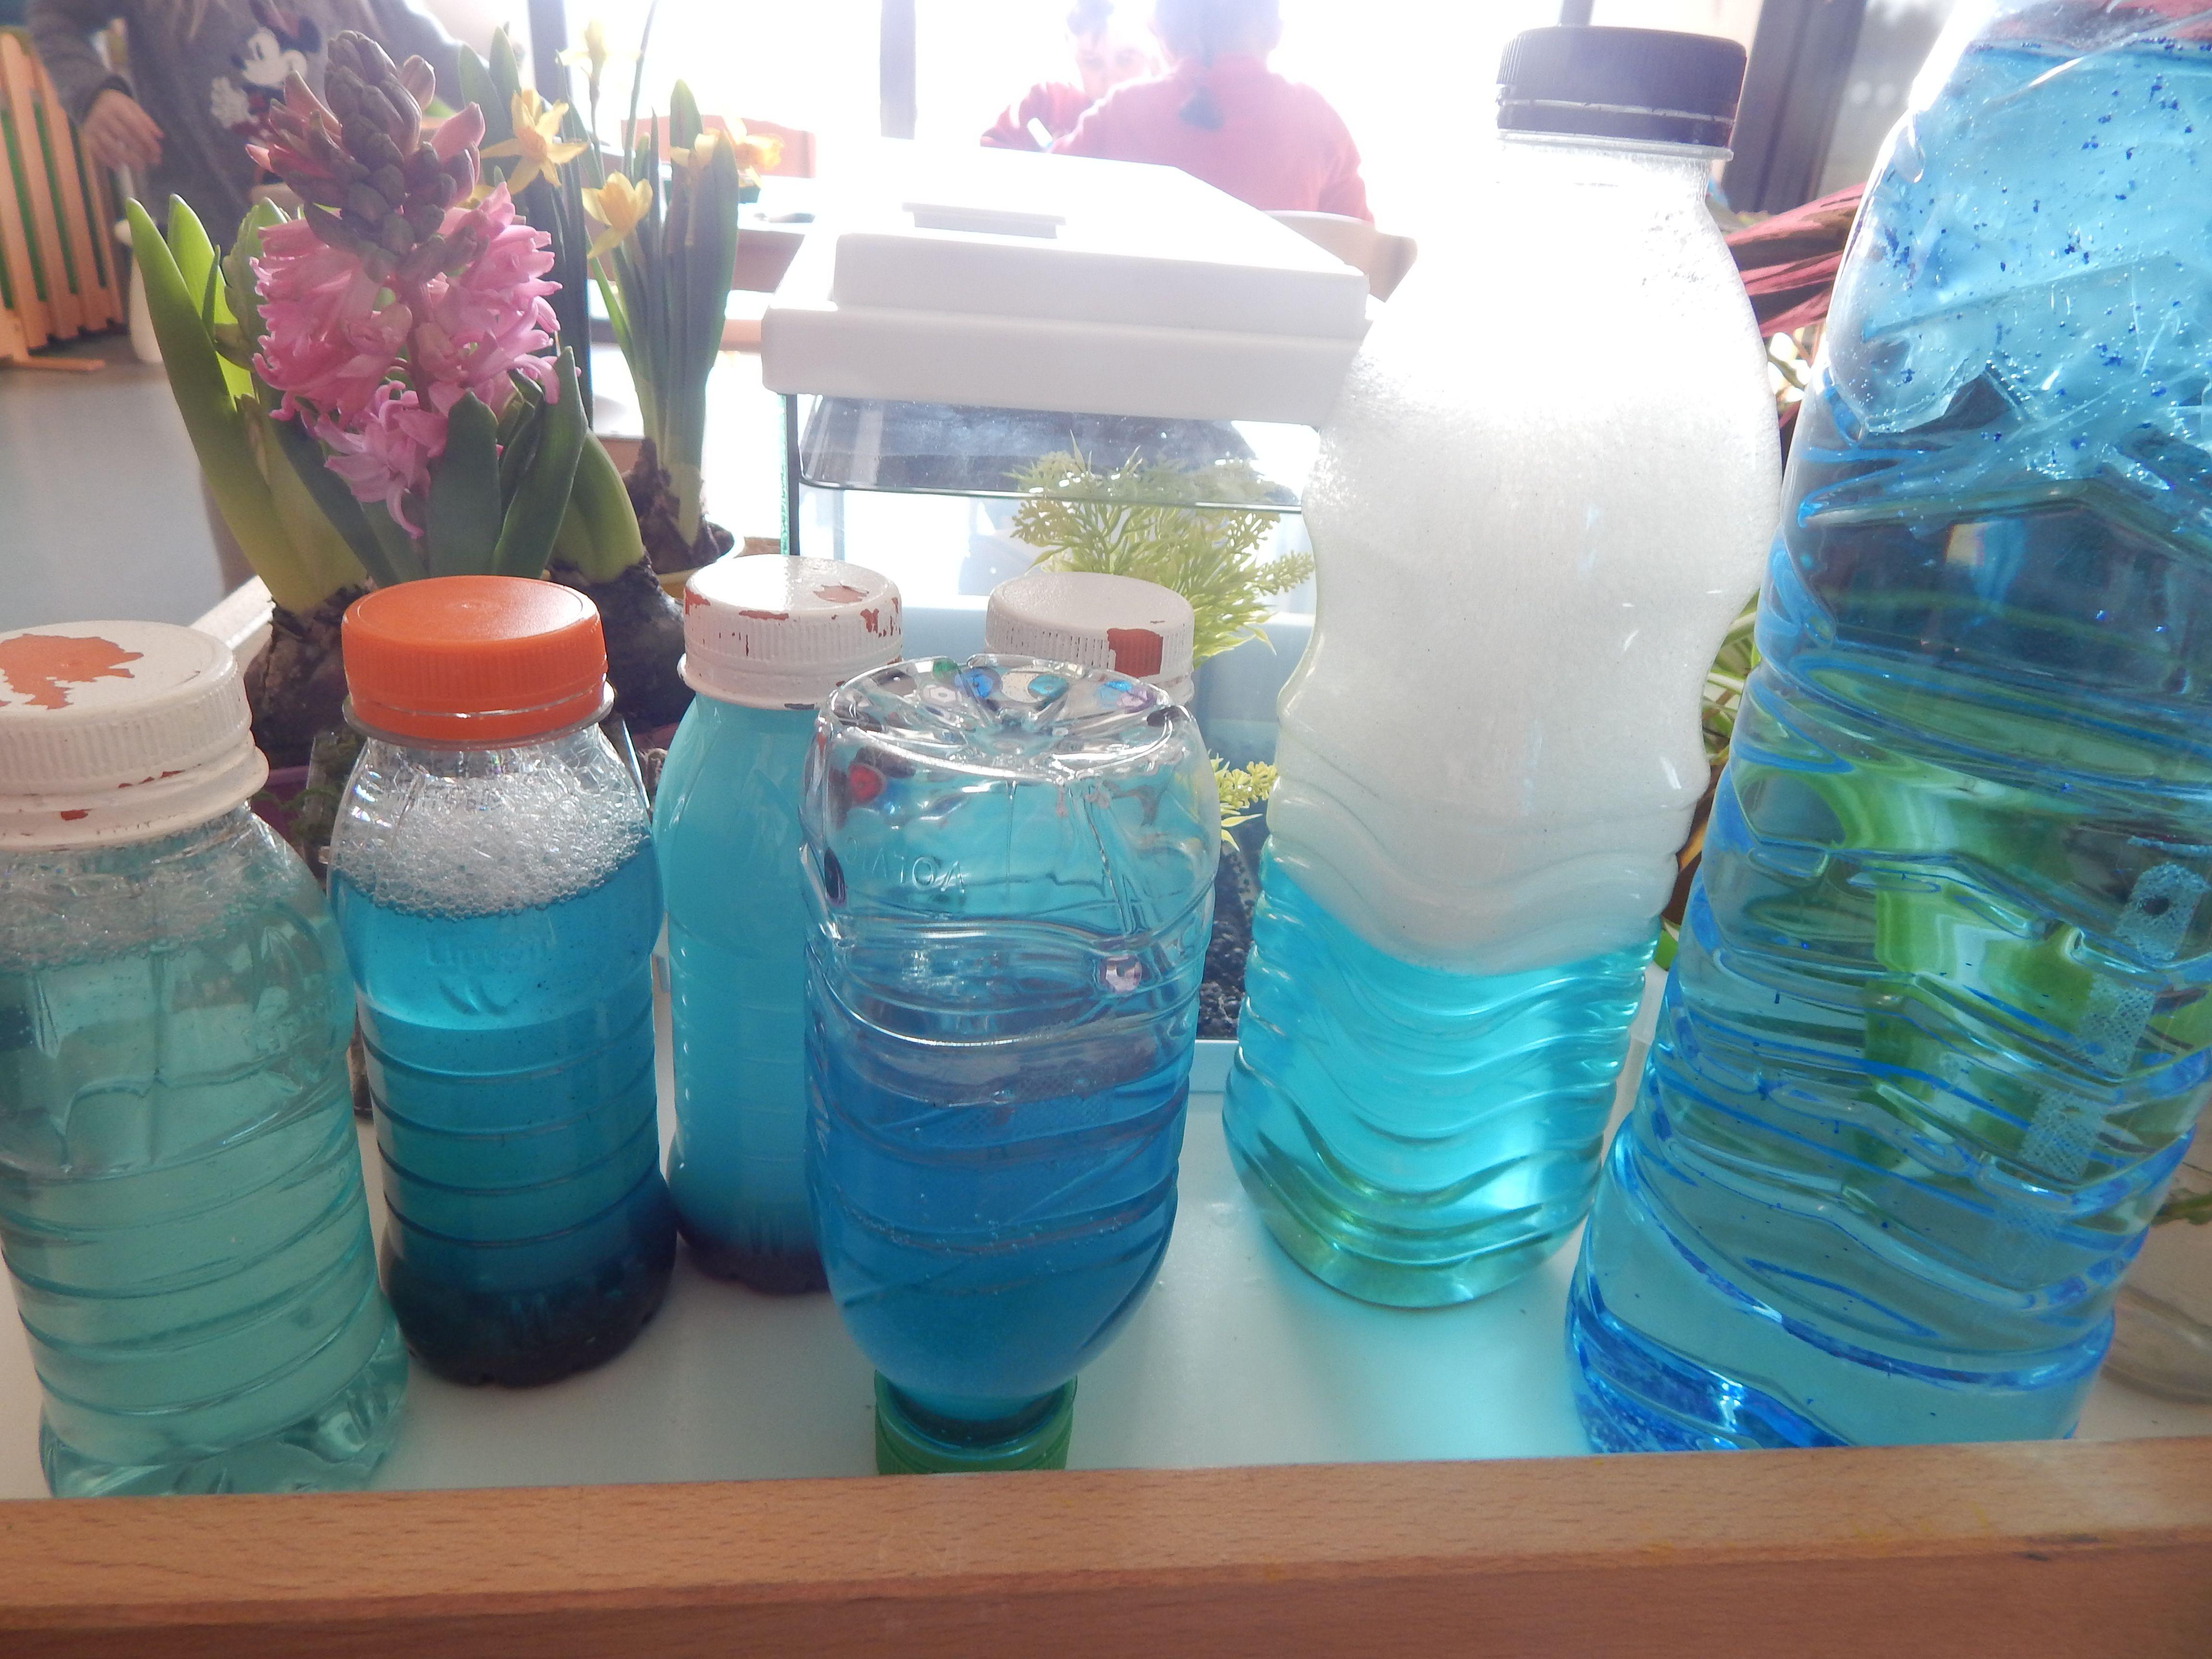 Des bouteilles de mer dans la classe sur notre table nature nathaliell bouteilles - La bouteille sur la table ...